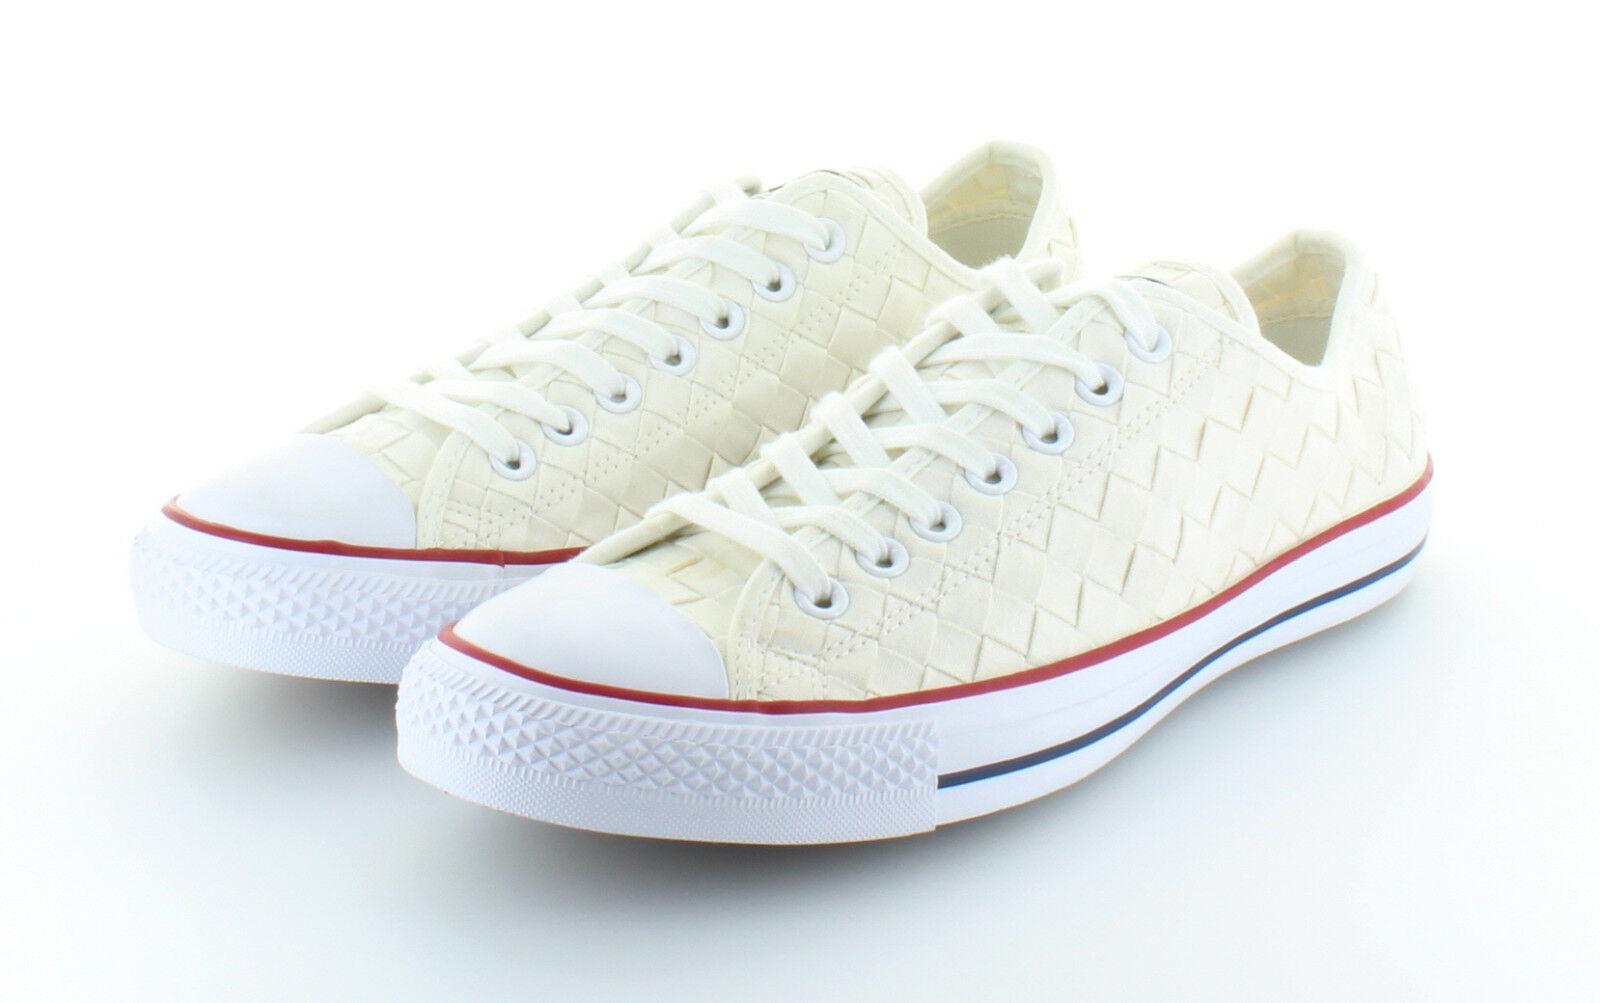 Los zapatos más populares para hombres y mujeres Converse Chuck Taylor as Ox textile woven White 42,5/43,5 us 9